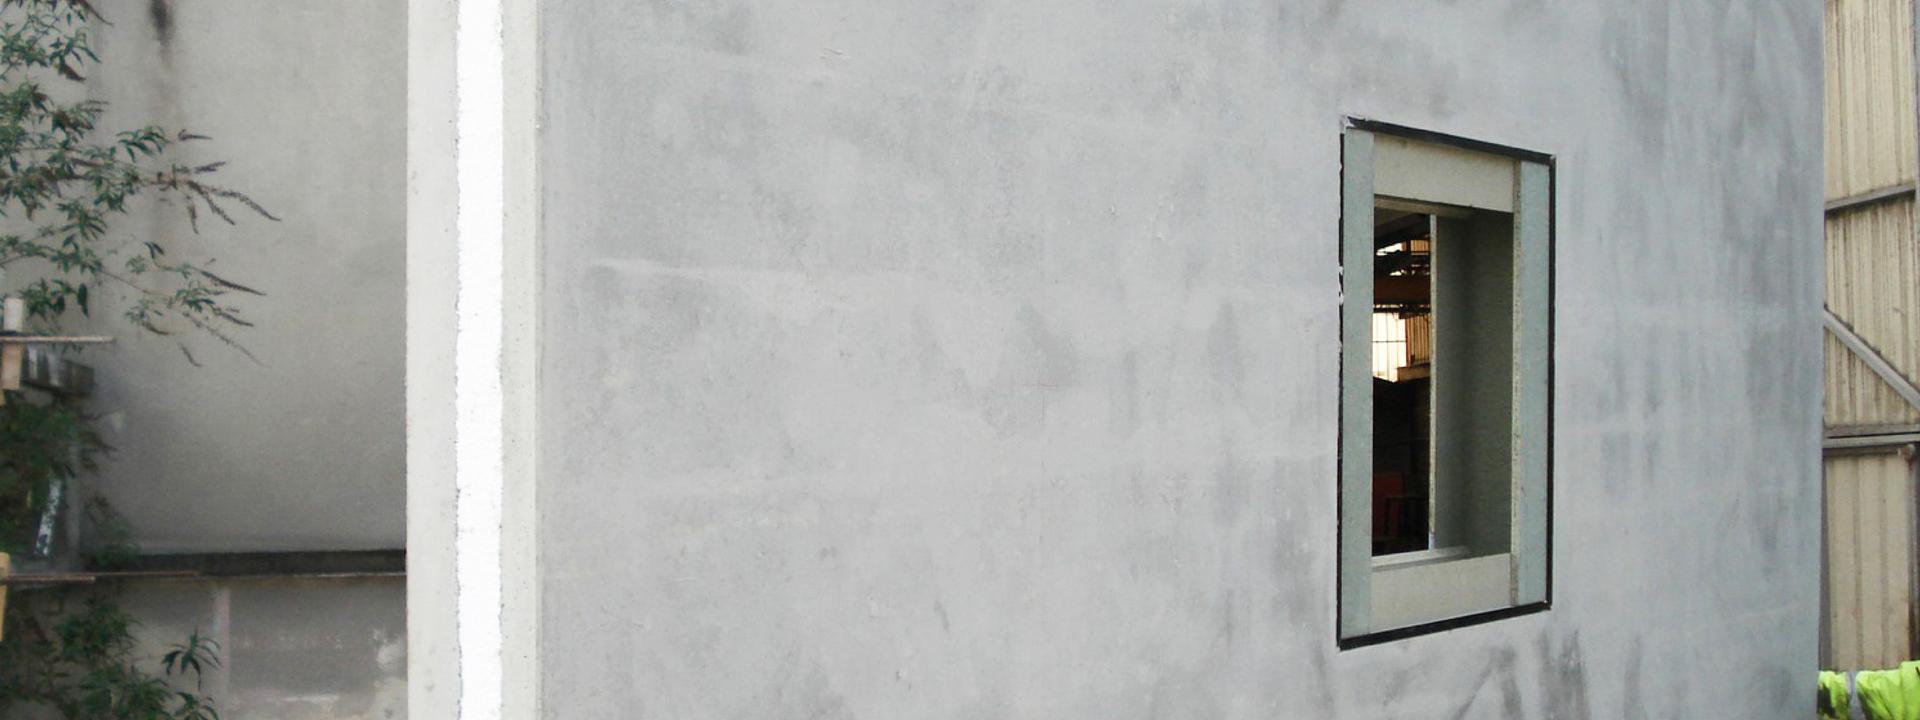 панель сэндвич бетон